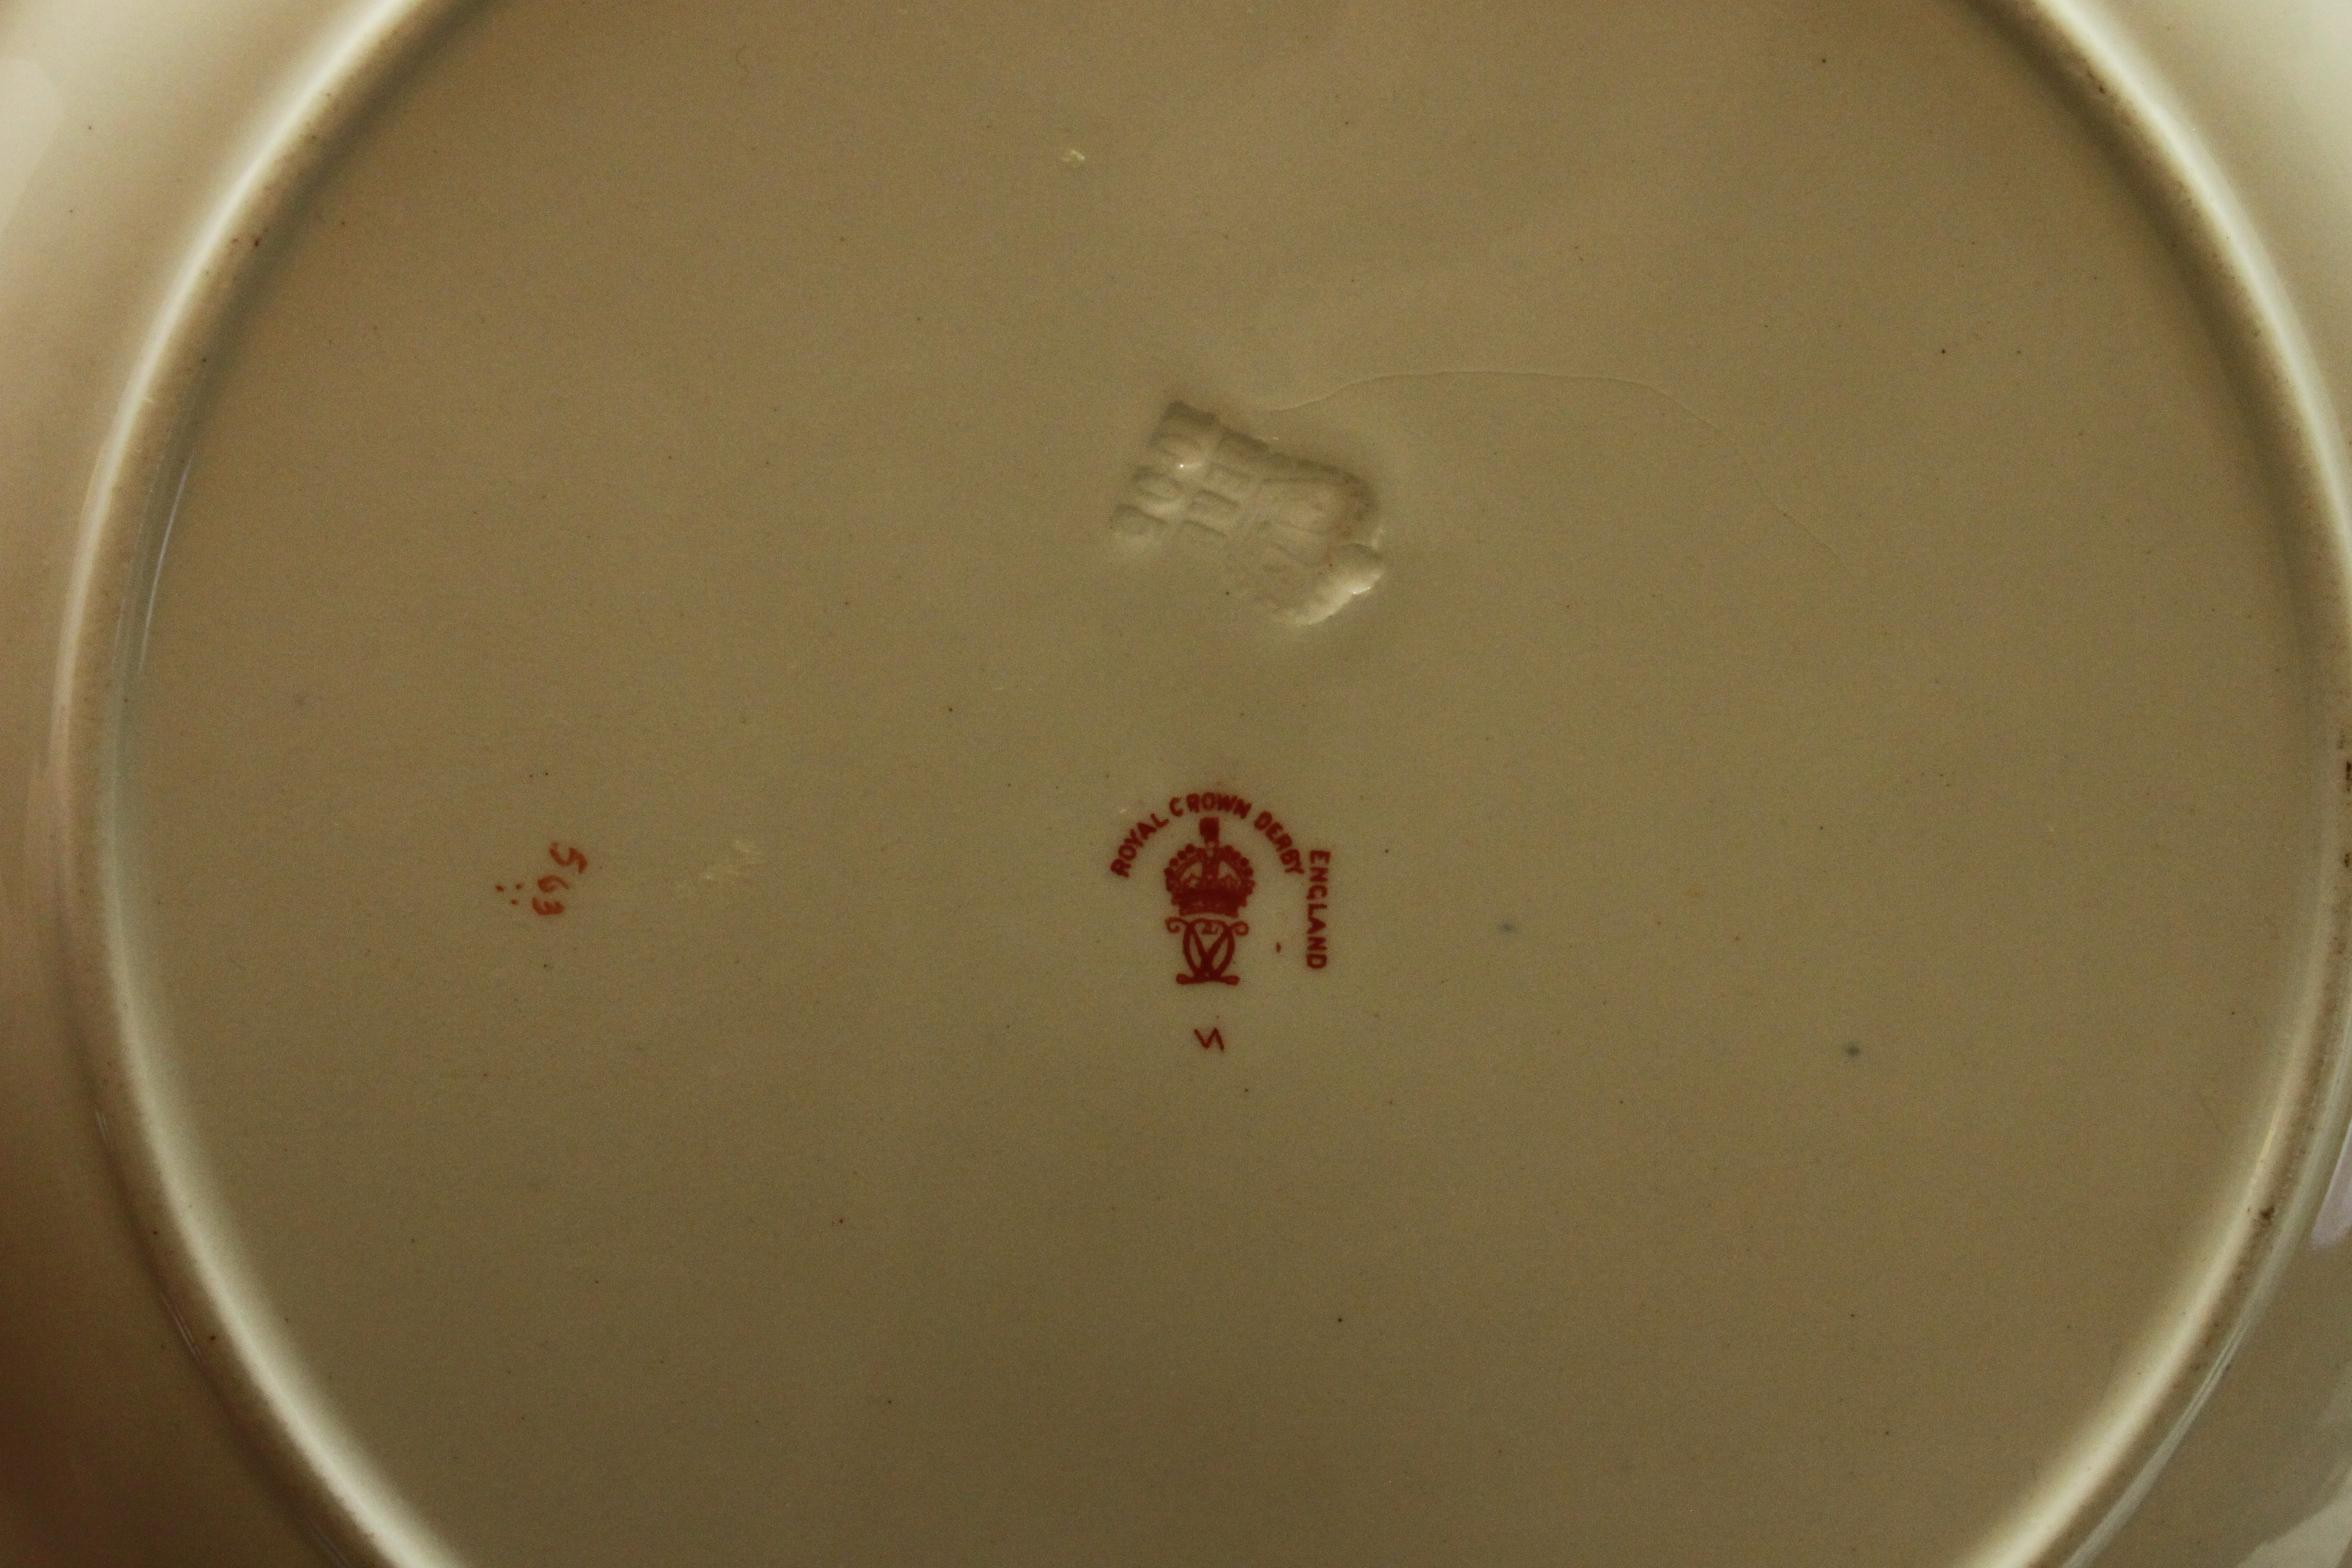 Same plate dating